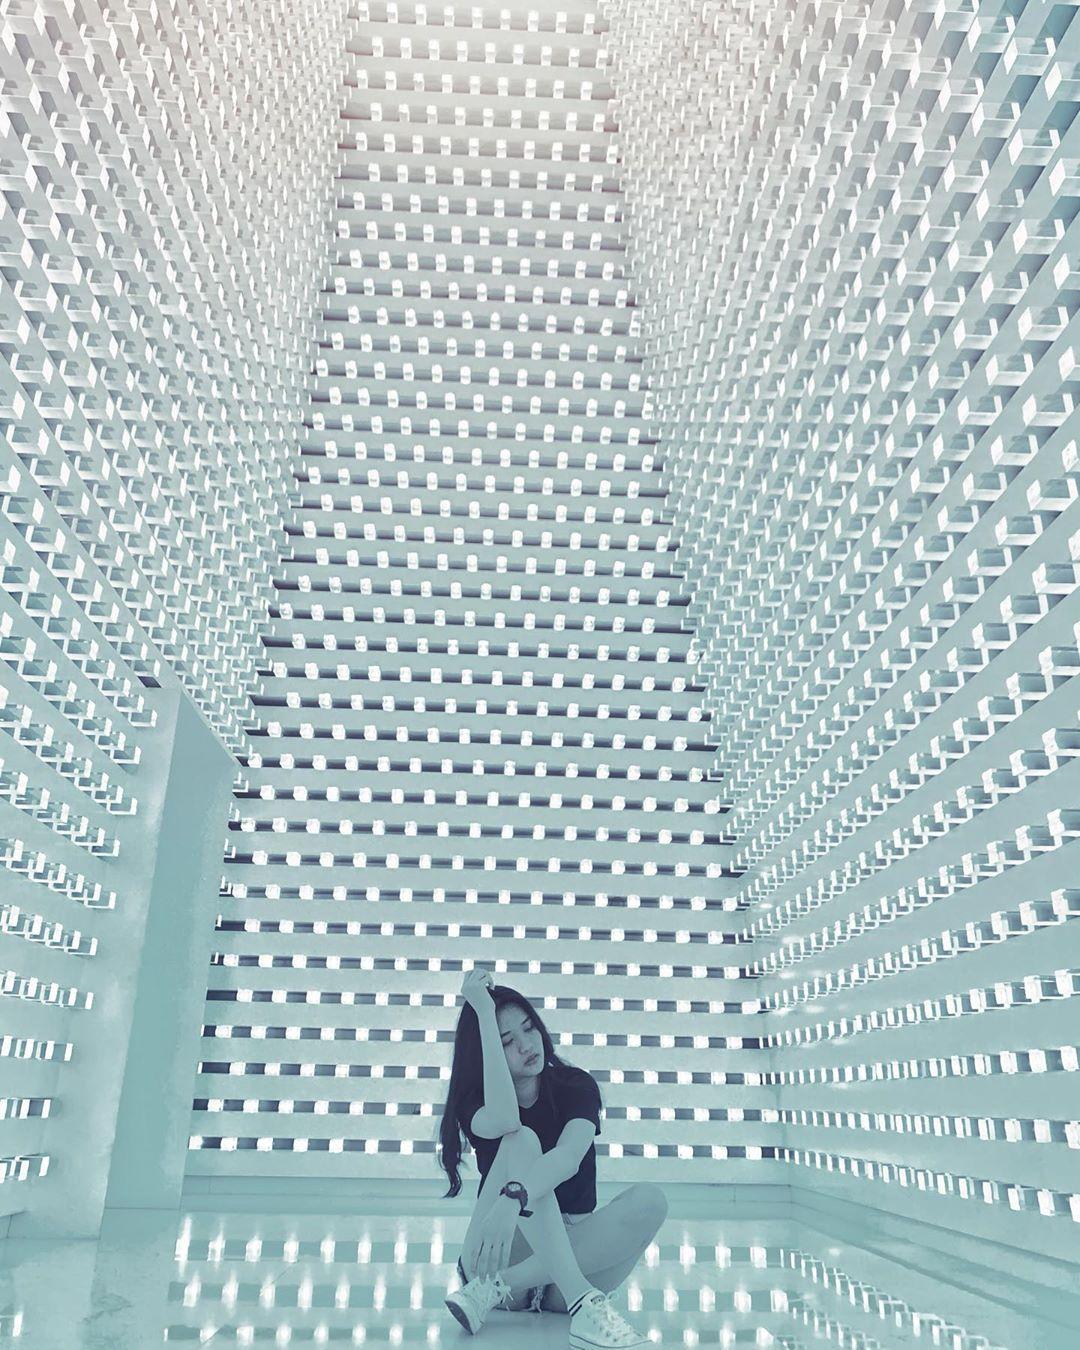 3樓的水晶光廊,也是網友熱愛的打卡景點。